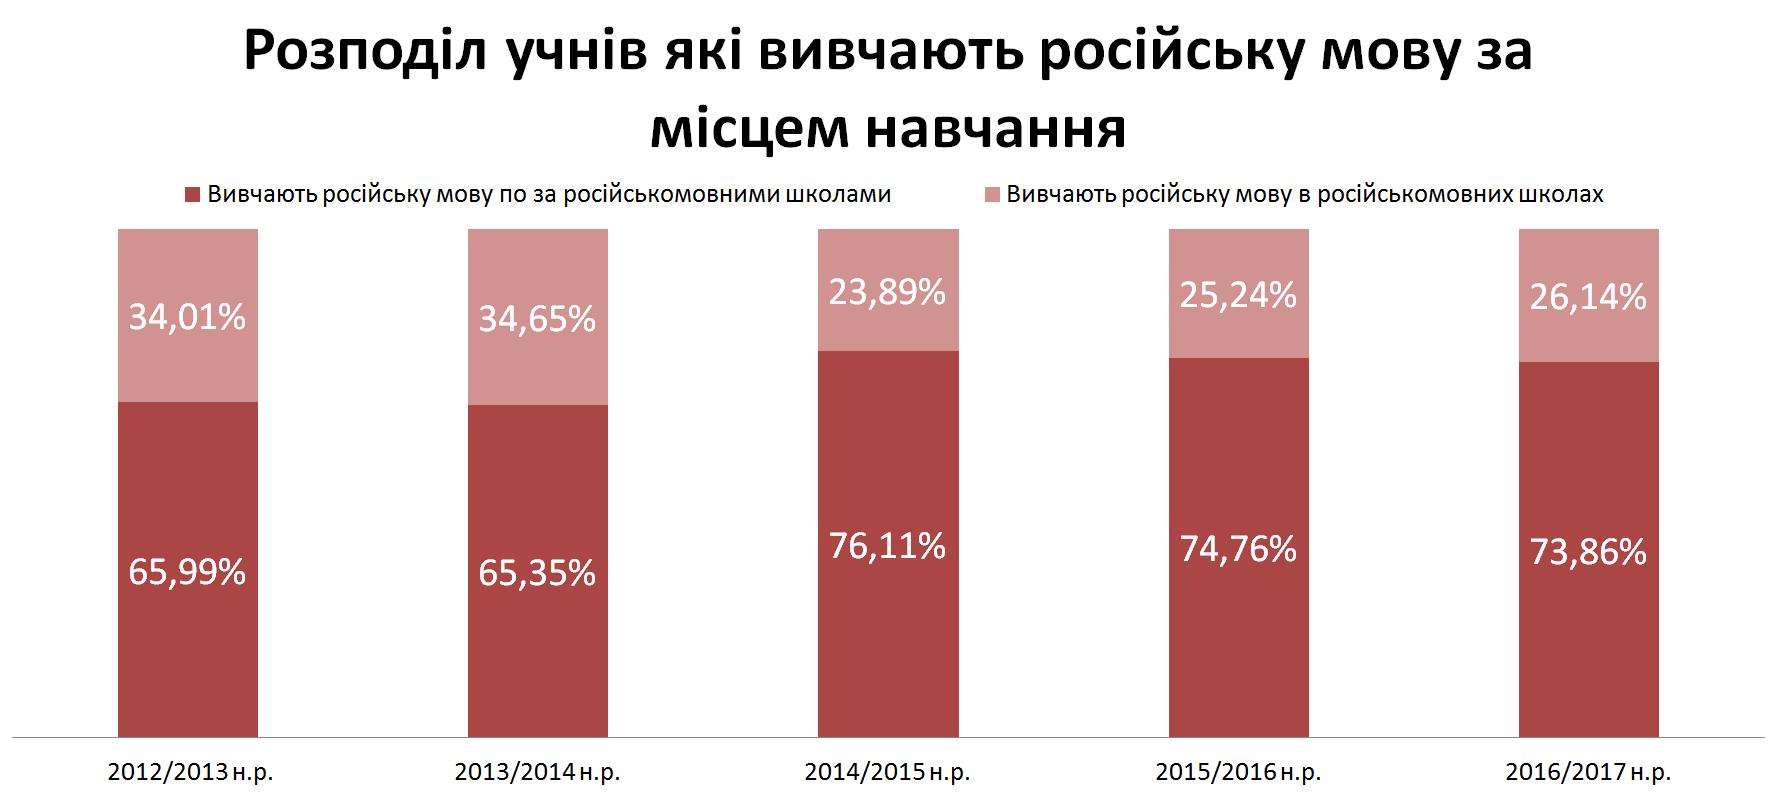 Розподіл учнів які вивчають російську мову за місцем навчання 2016-2017 н.р.